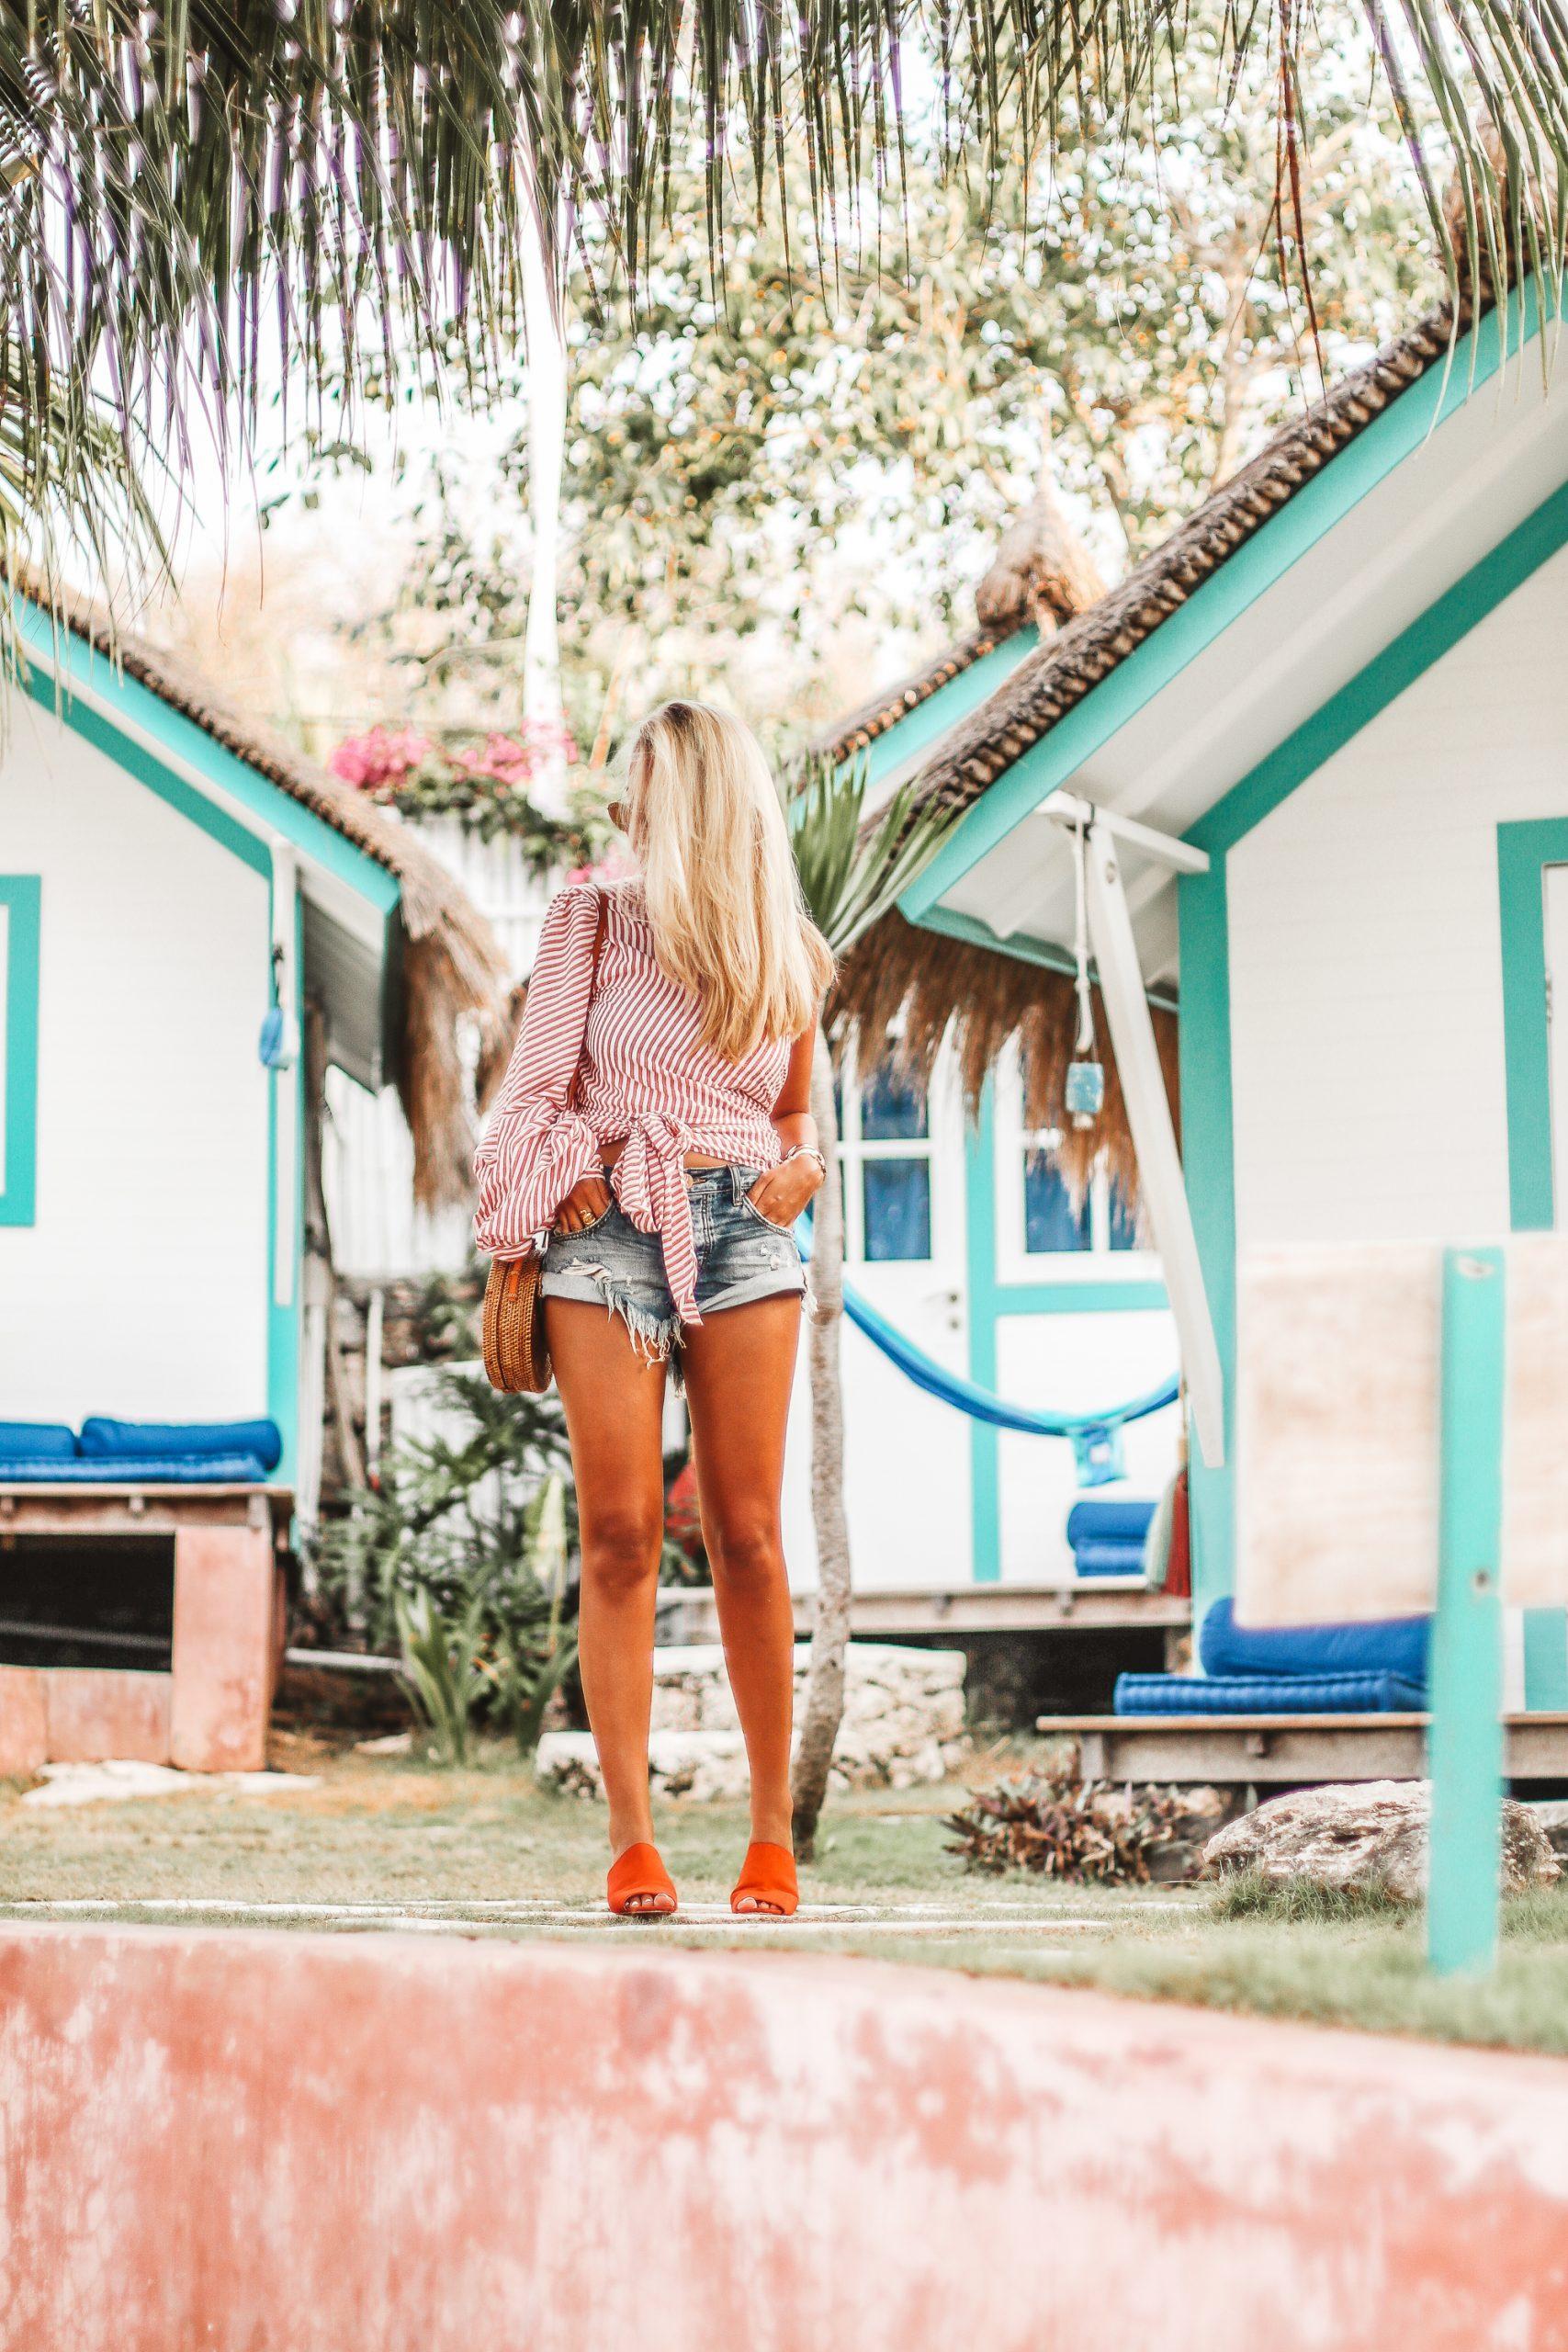 bali_revolve_travel_blog_milkywaysblueyes